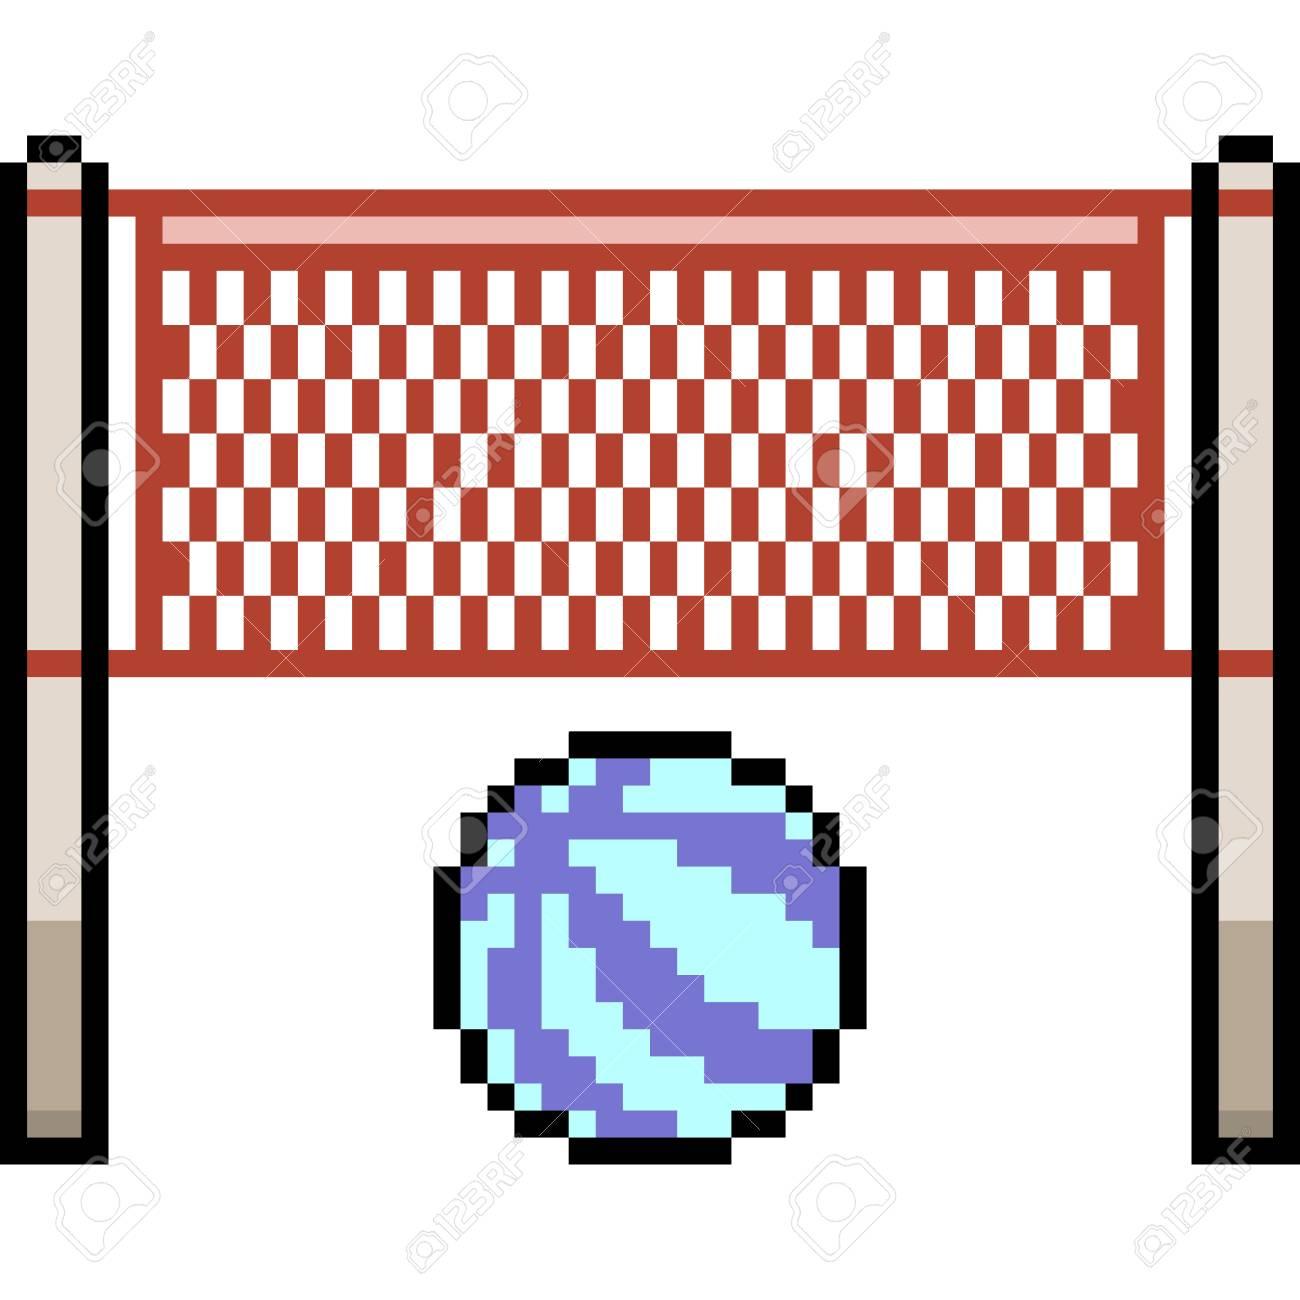 Vecteur Pixel Art Volley Ball Plage Dessin Animé Isolé